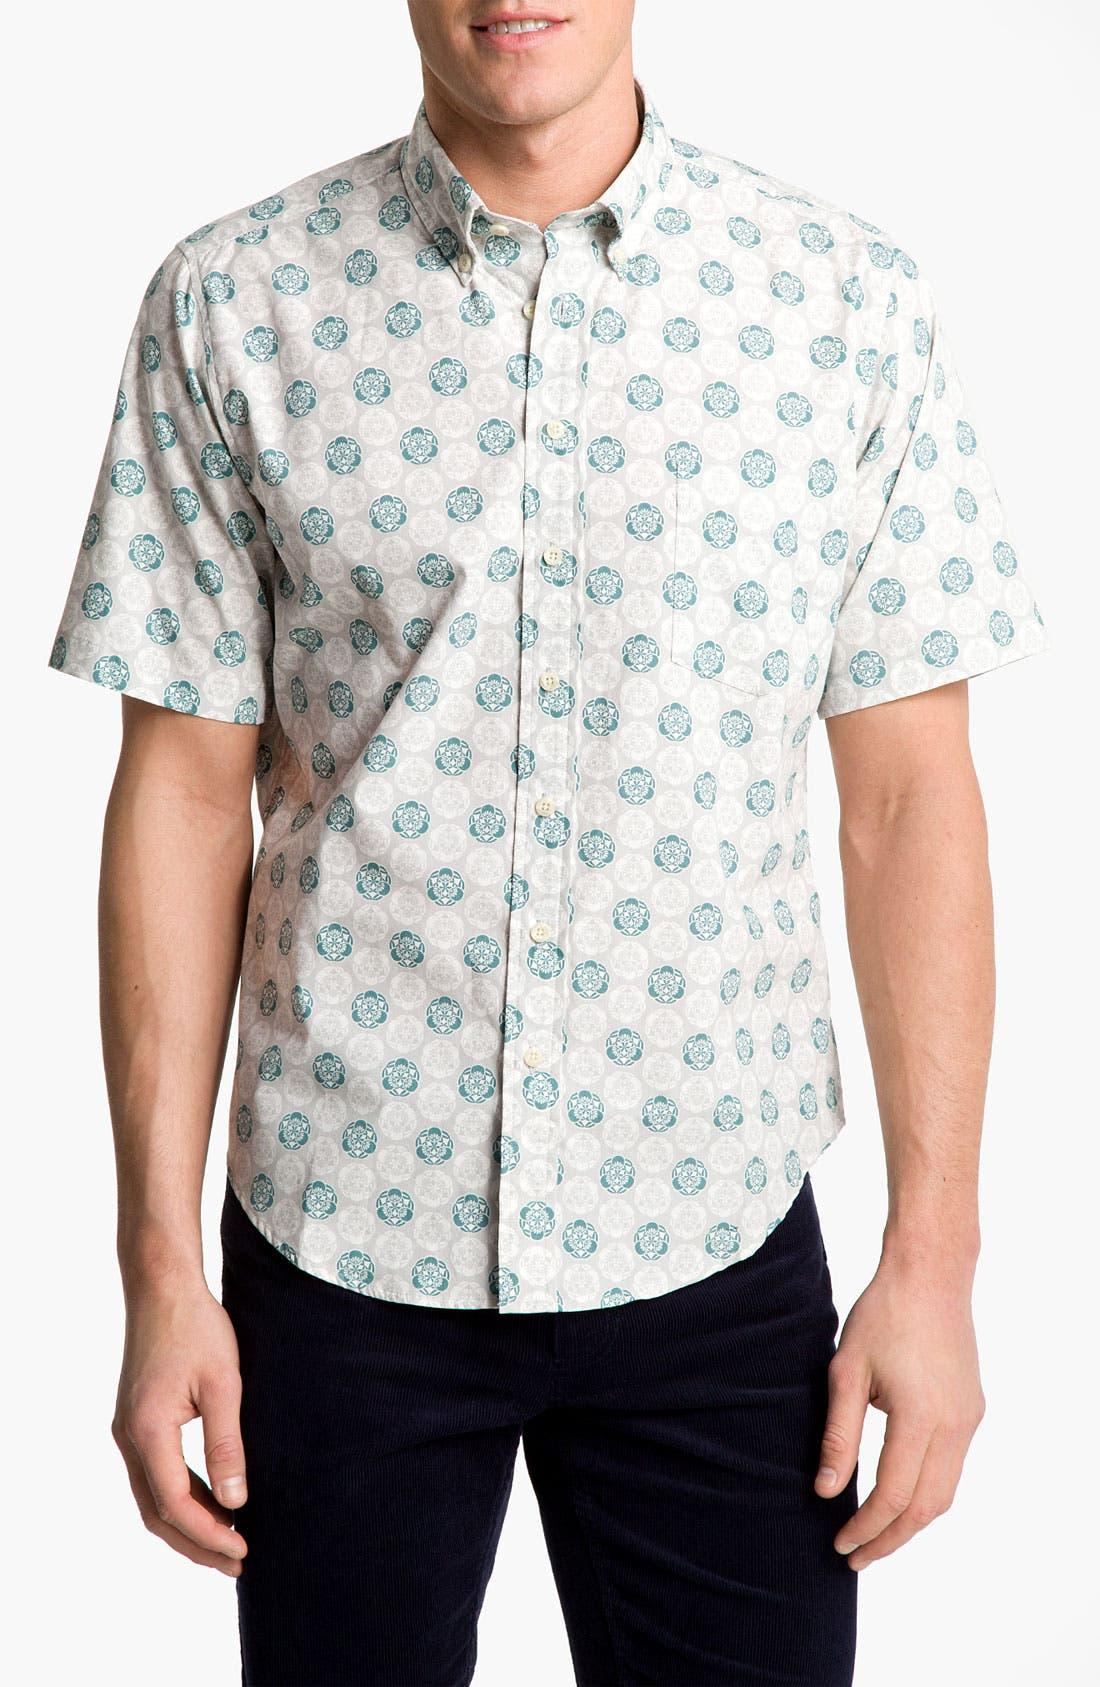 Alternate Image 1 Selected - Reyn Spooner 'Noble Mon' Print Woven Shirt